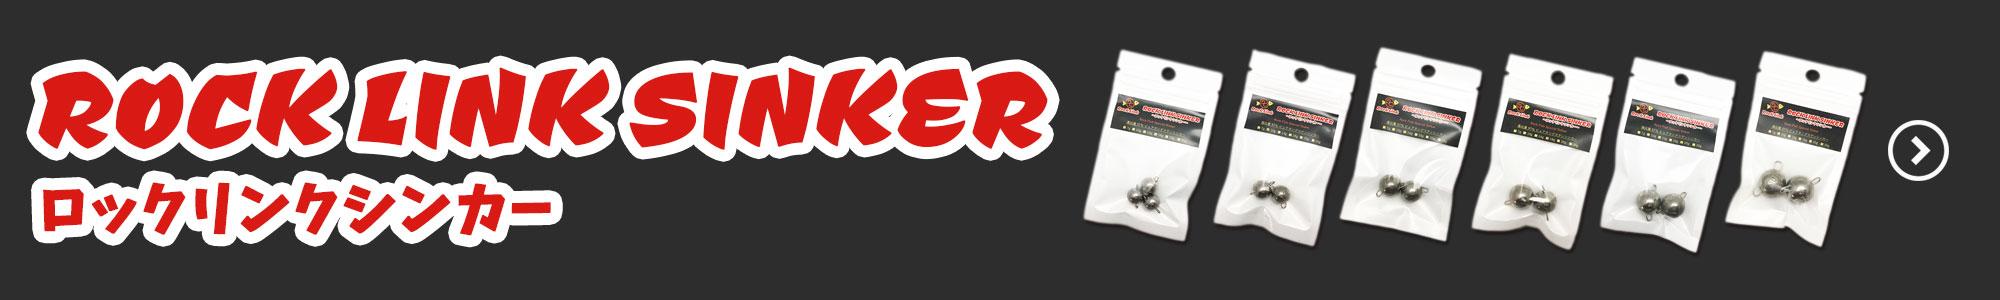 ロックリンクシンカー(ROCK LINK SINKER)